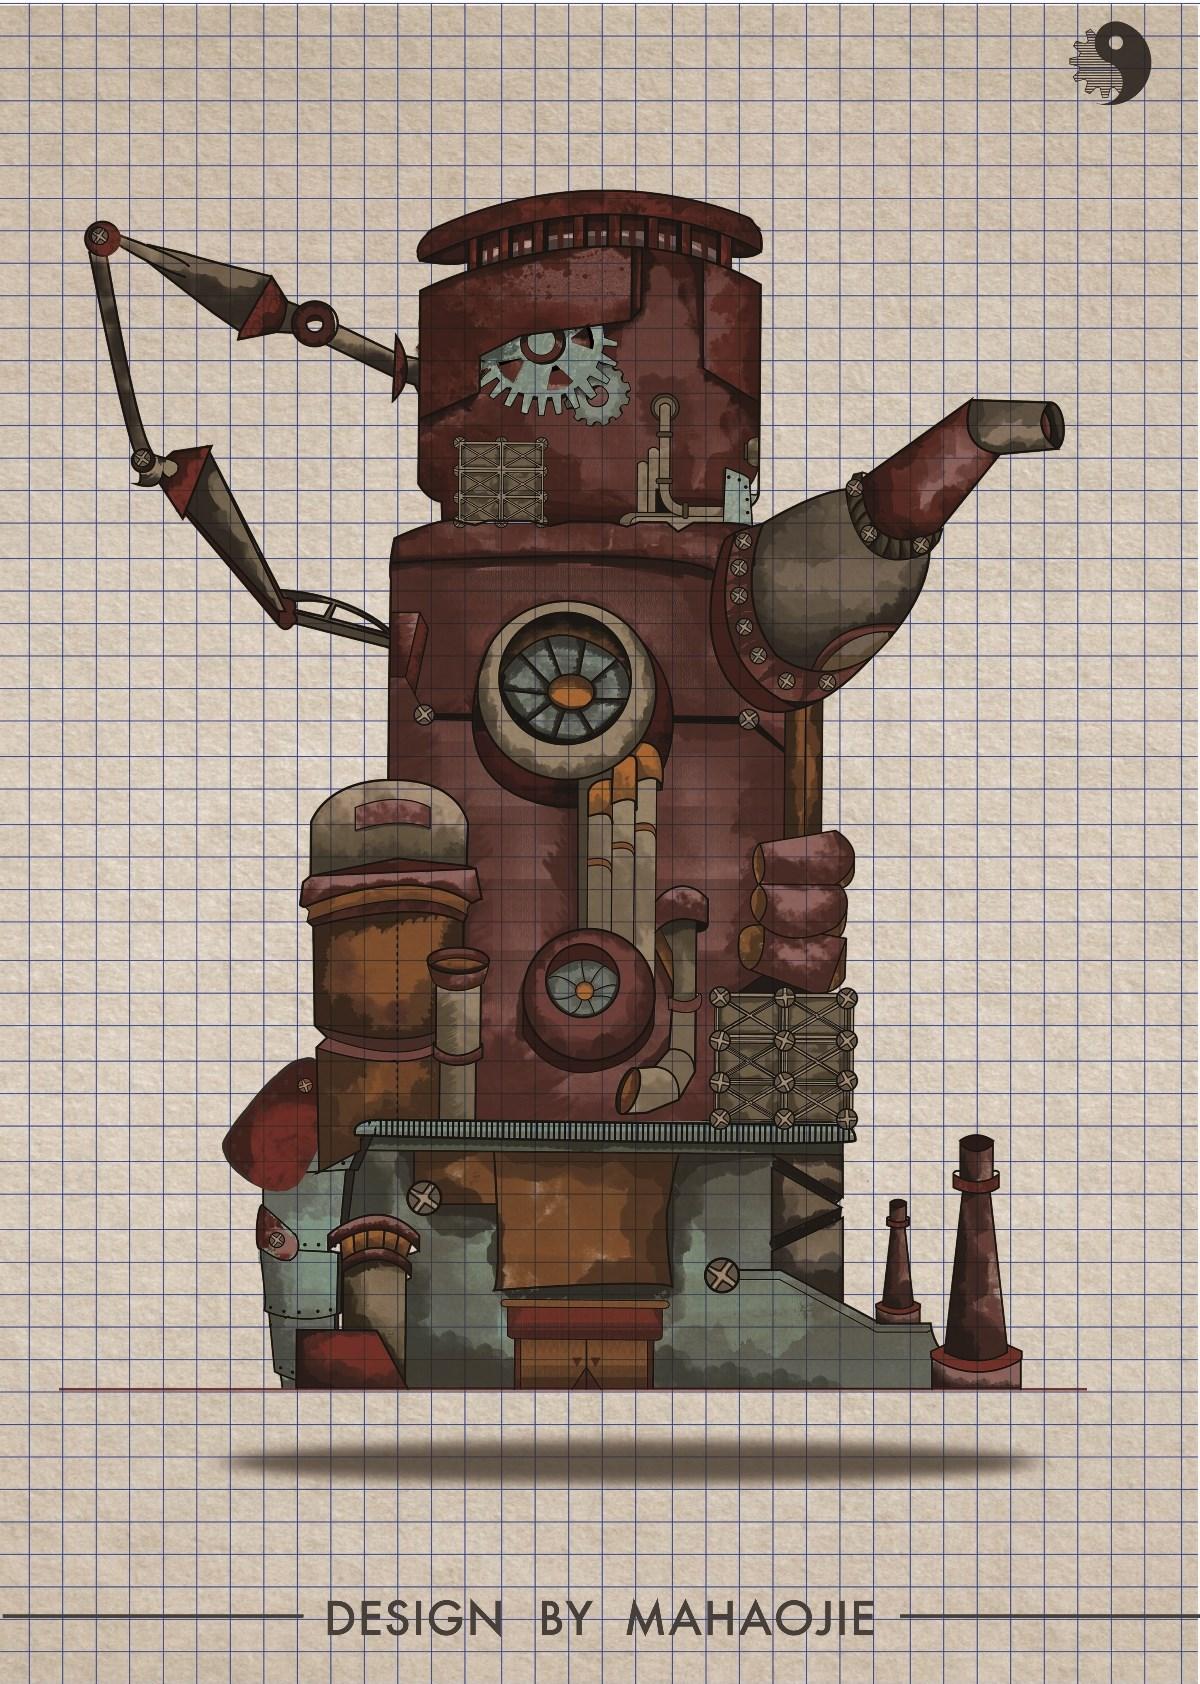 蒸汽朋克包装概念 创意插画